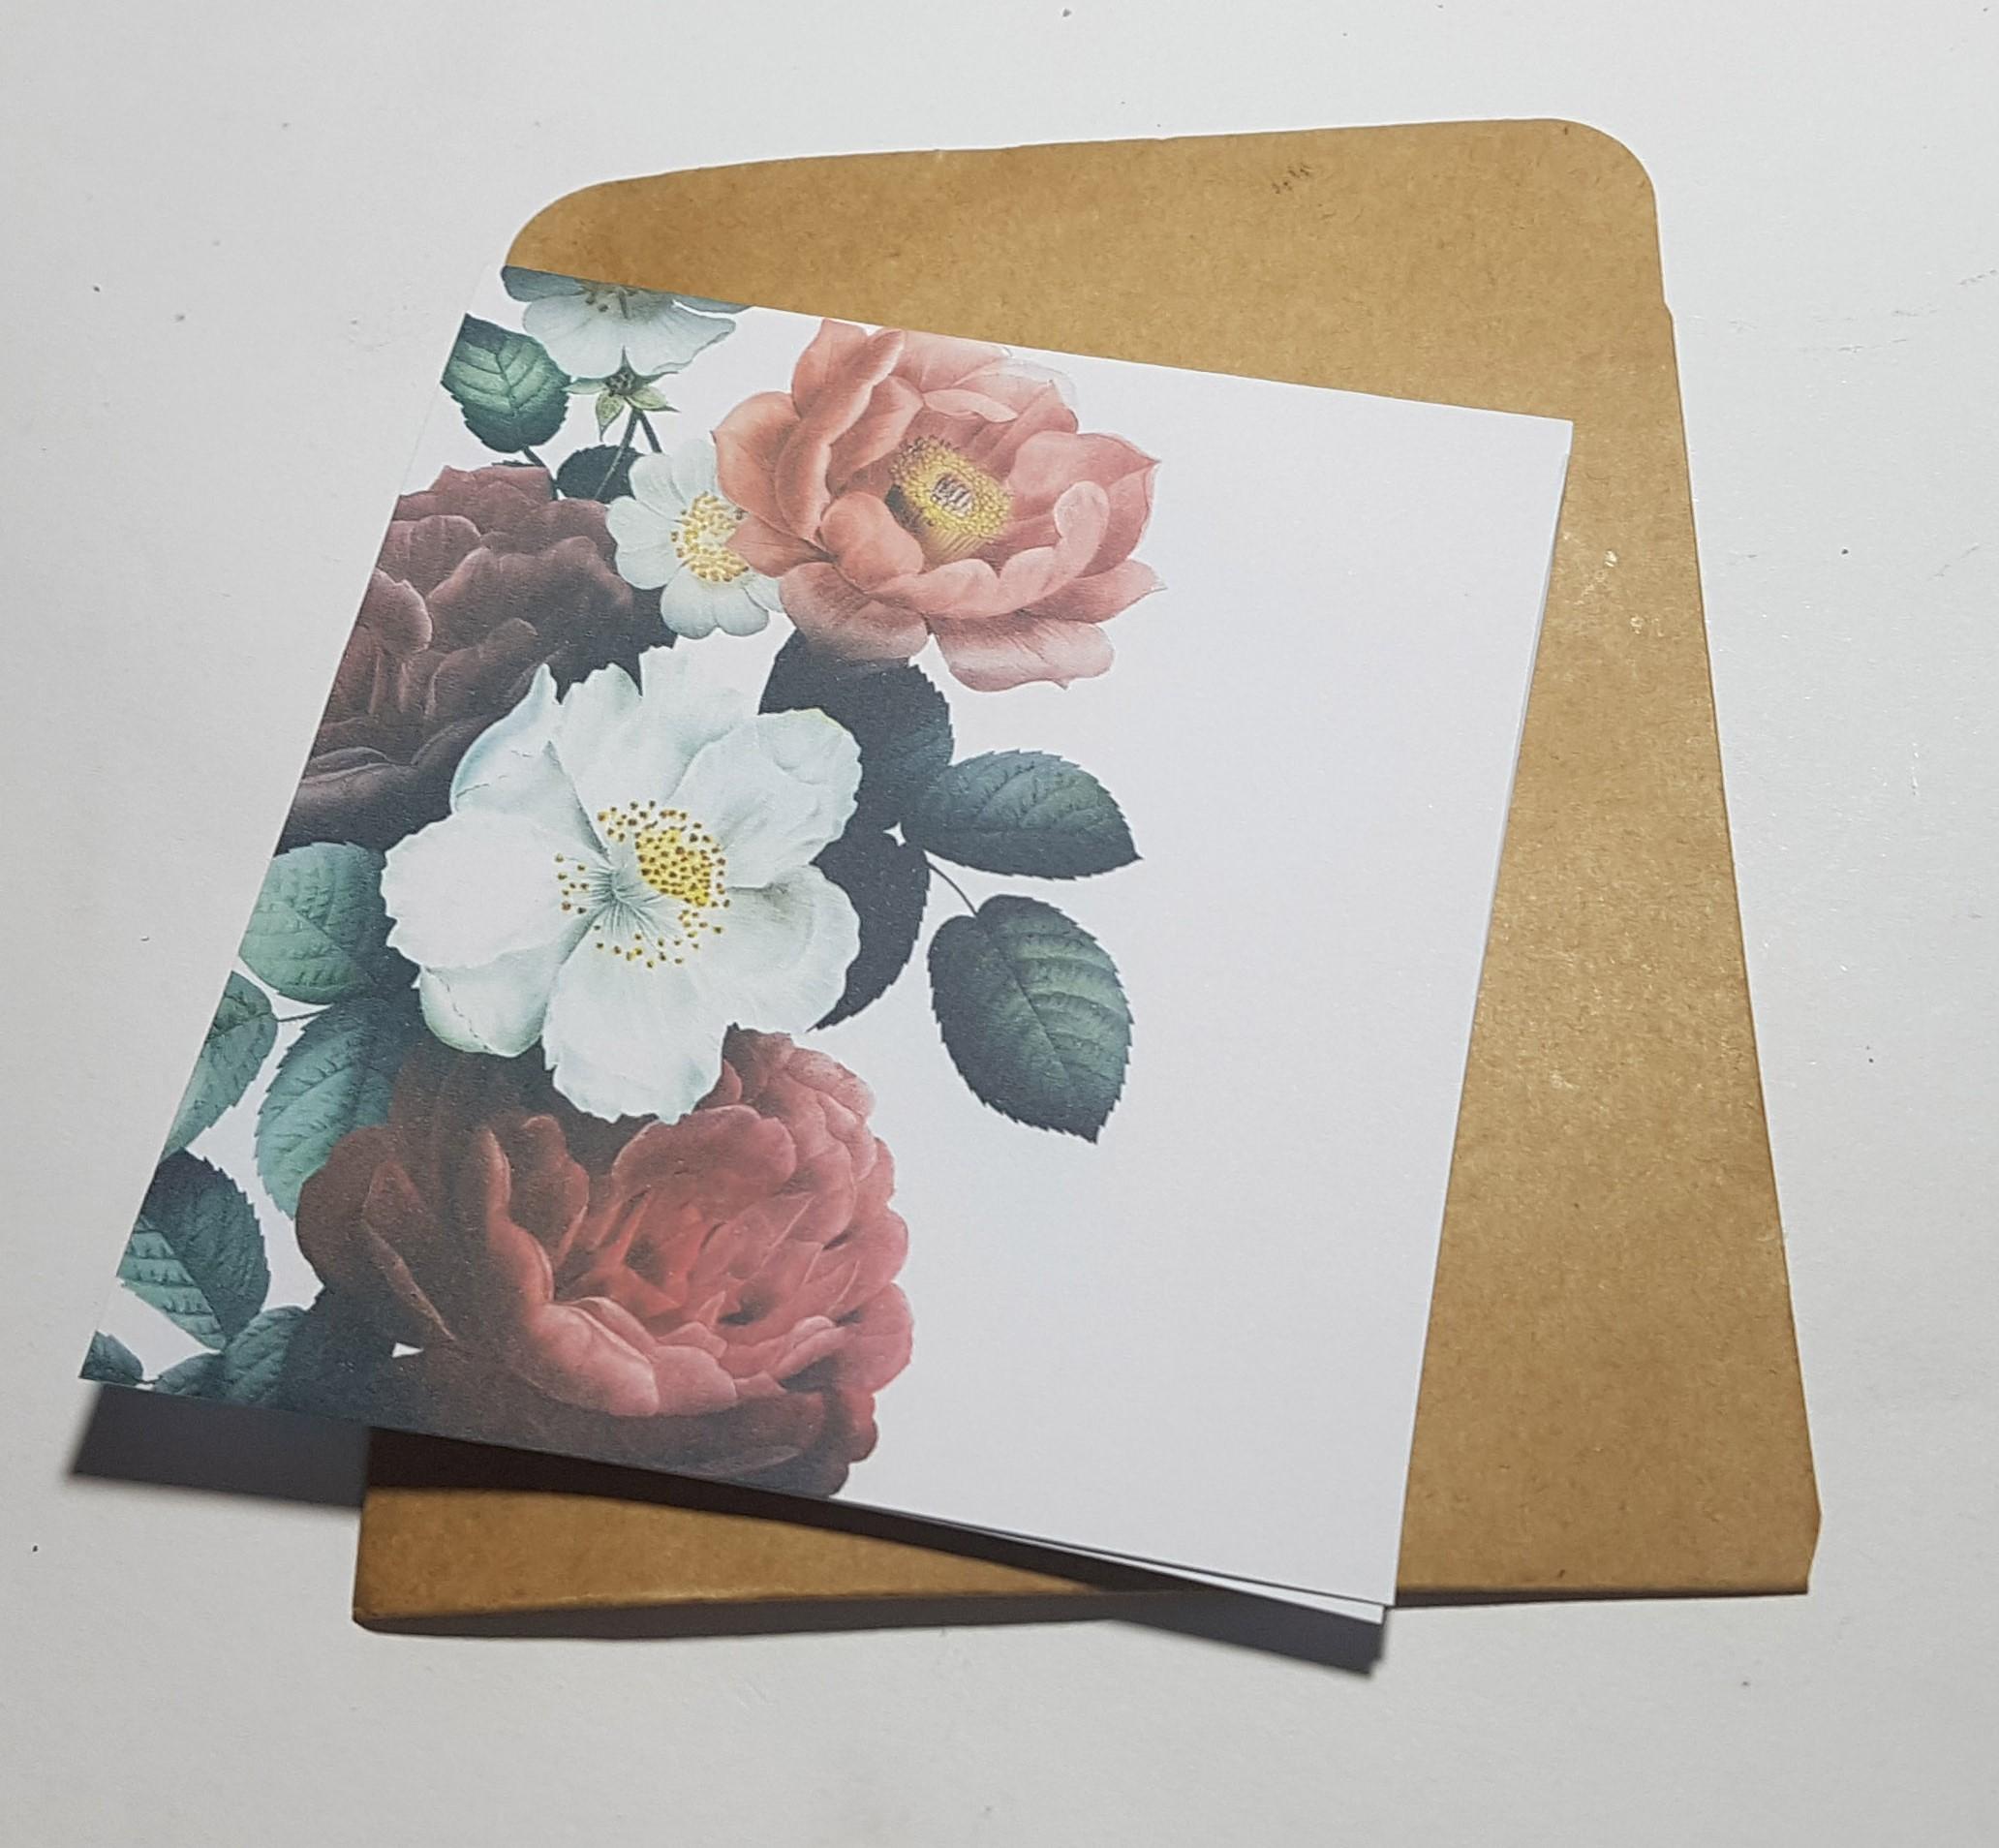 Thiệp phong cách Vintage card quà cám ơn ,chúc mừng sinh nhật và giử tặng người thân yêu